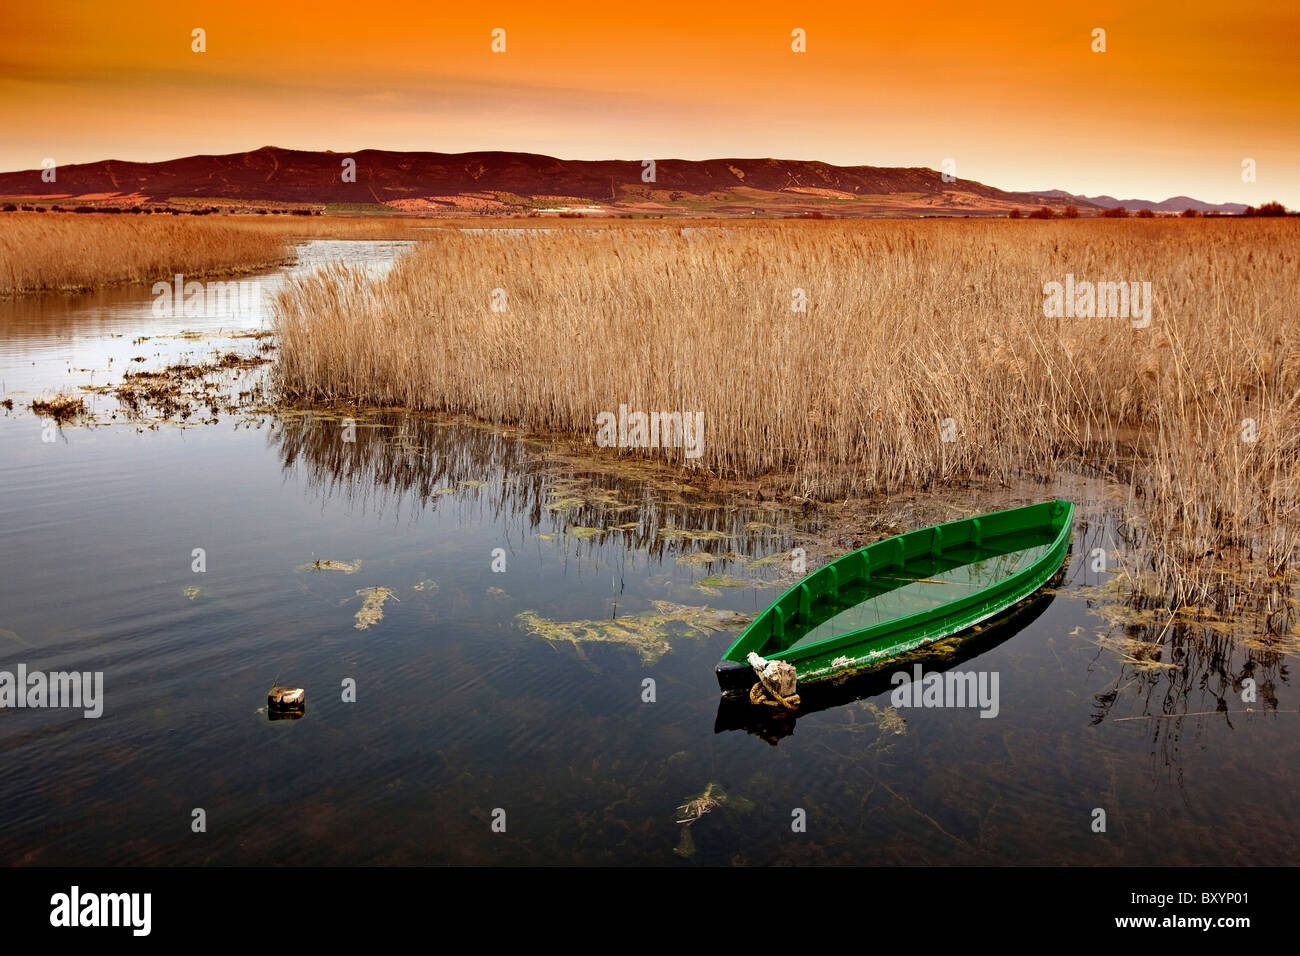 Barca en el Parque Nacional de Las Tablas de Daimiel Ciudad Real Castilla La Mancha España boat National Park Spain Stock Photo